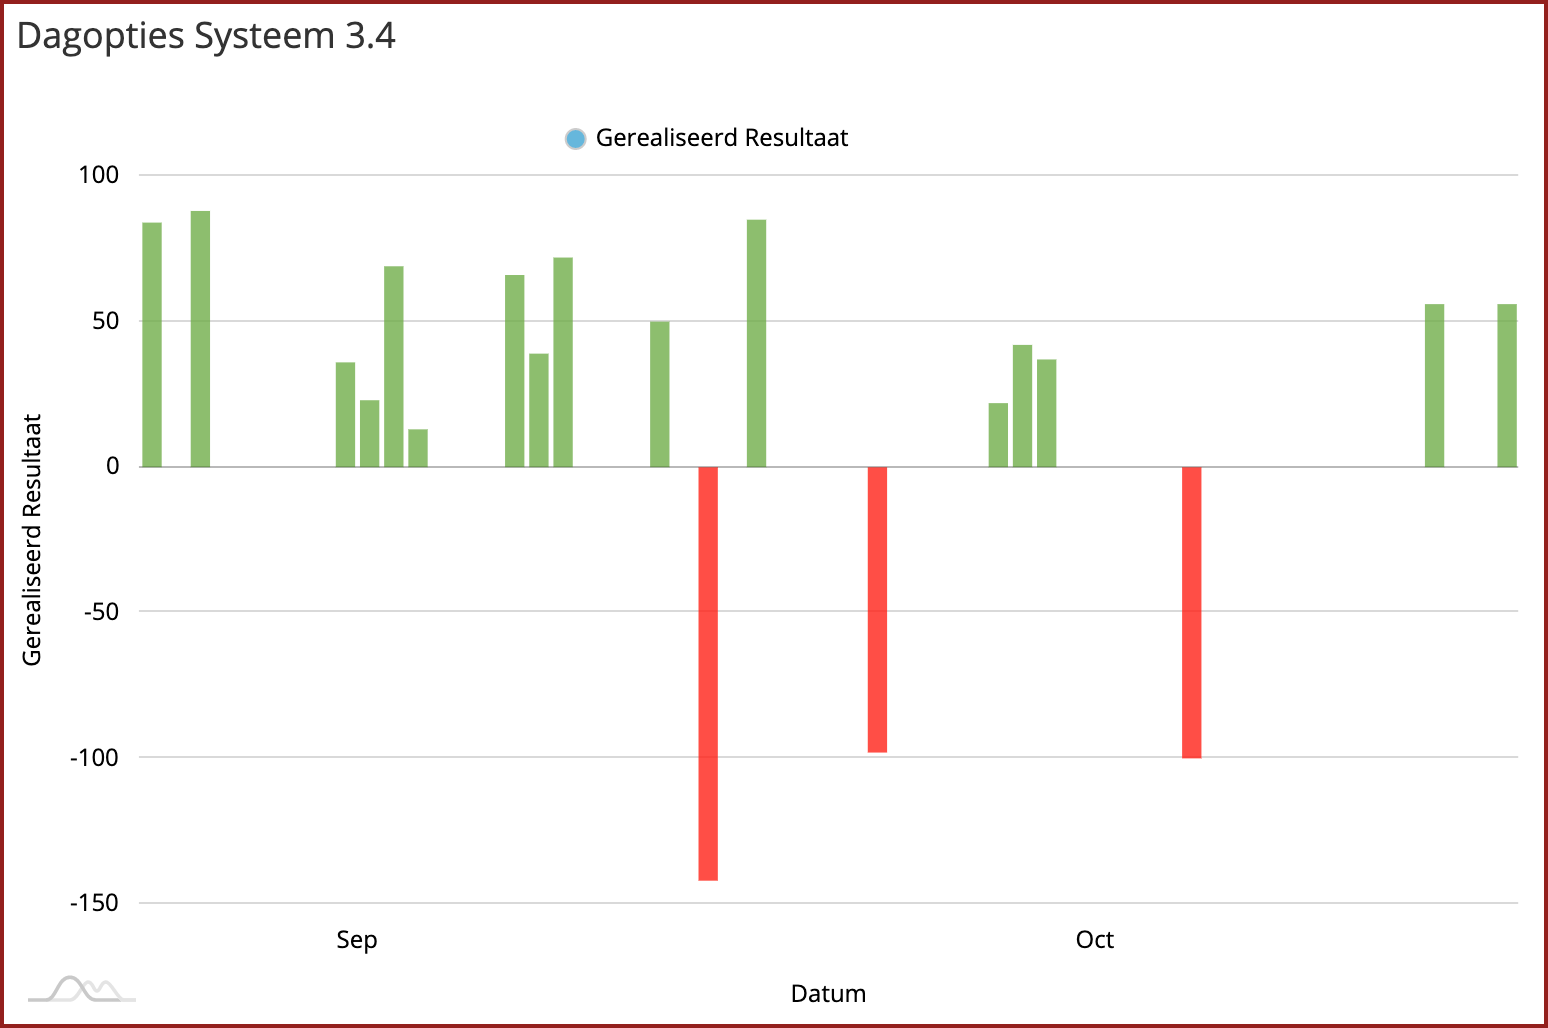 Gerealiseerd resultaat per dag DOS 3.4. Periode september en oktober 2020.